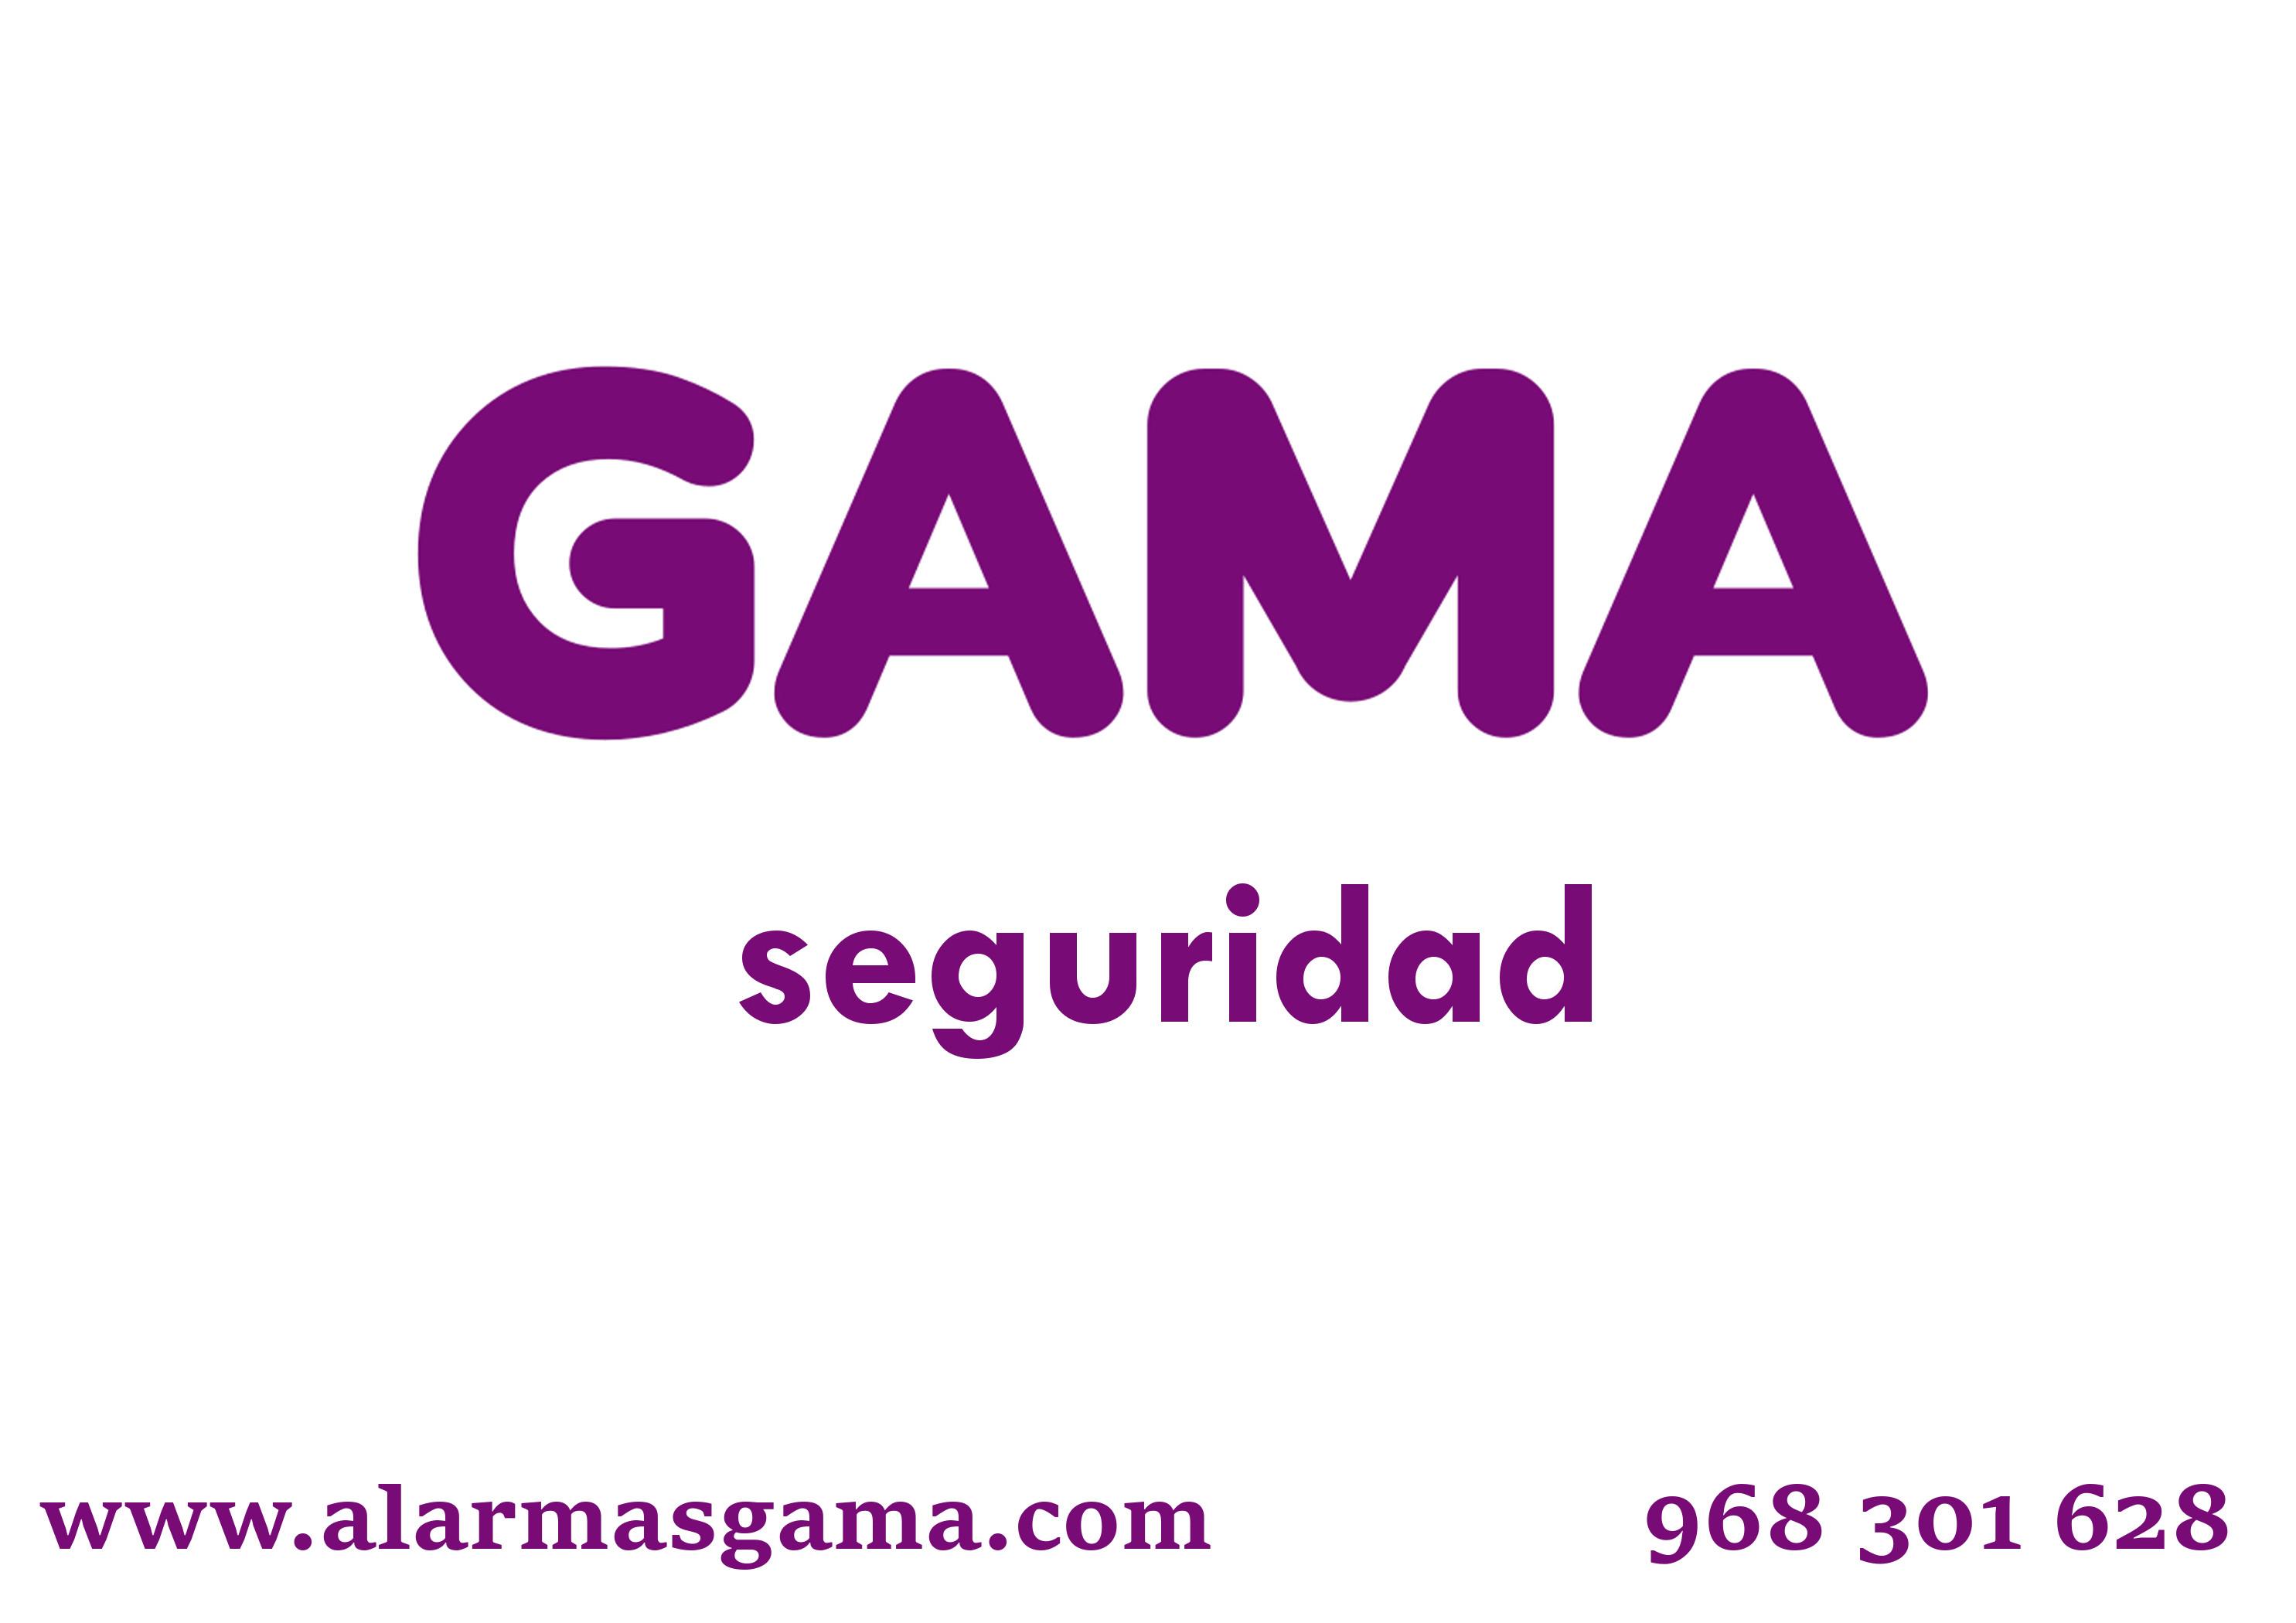 Logcon número de teléfono 968301628otipo de Gama Seguridad